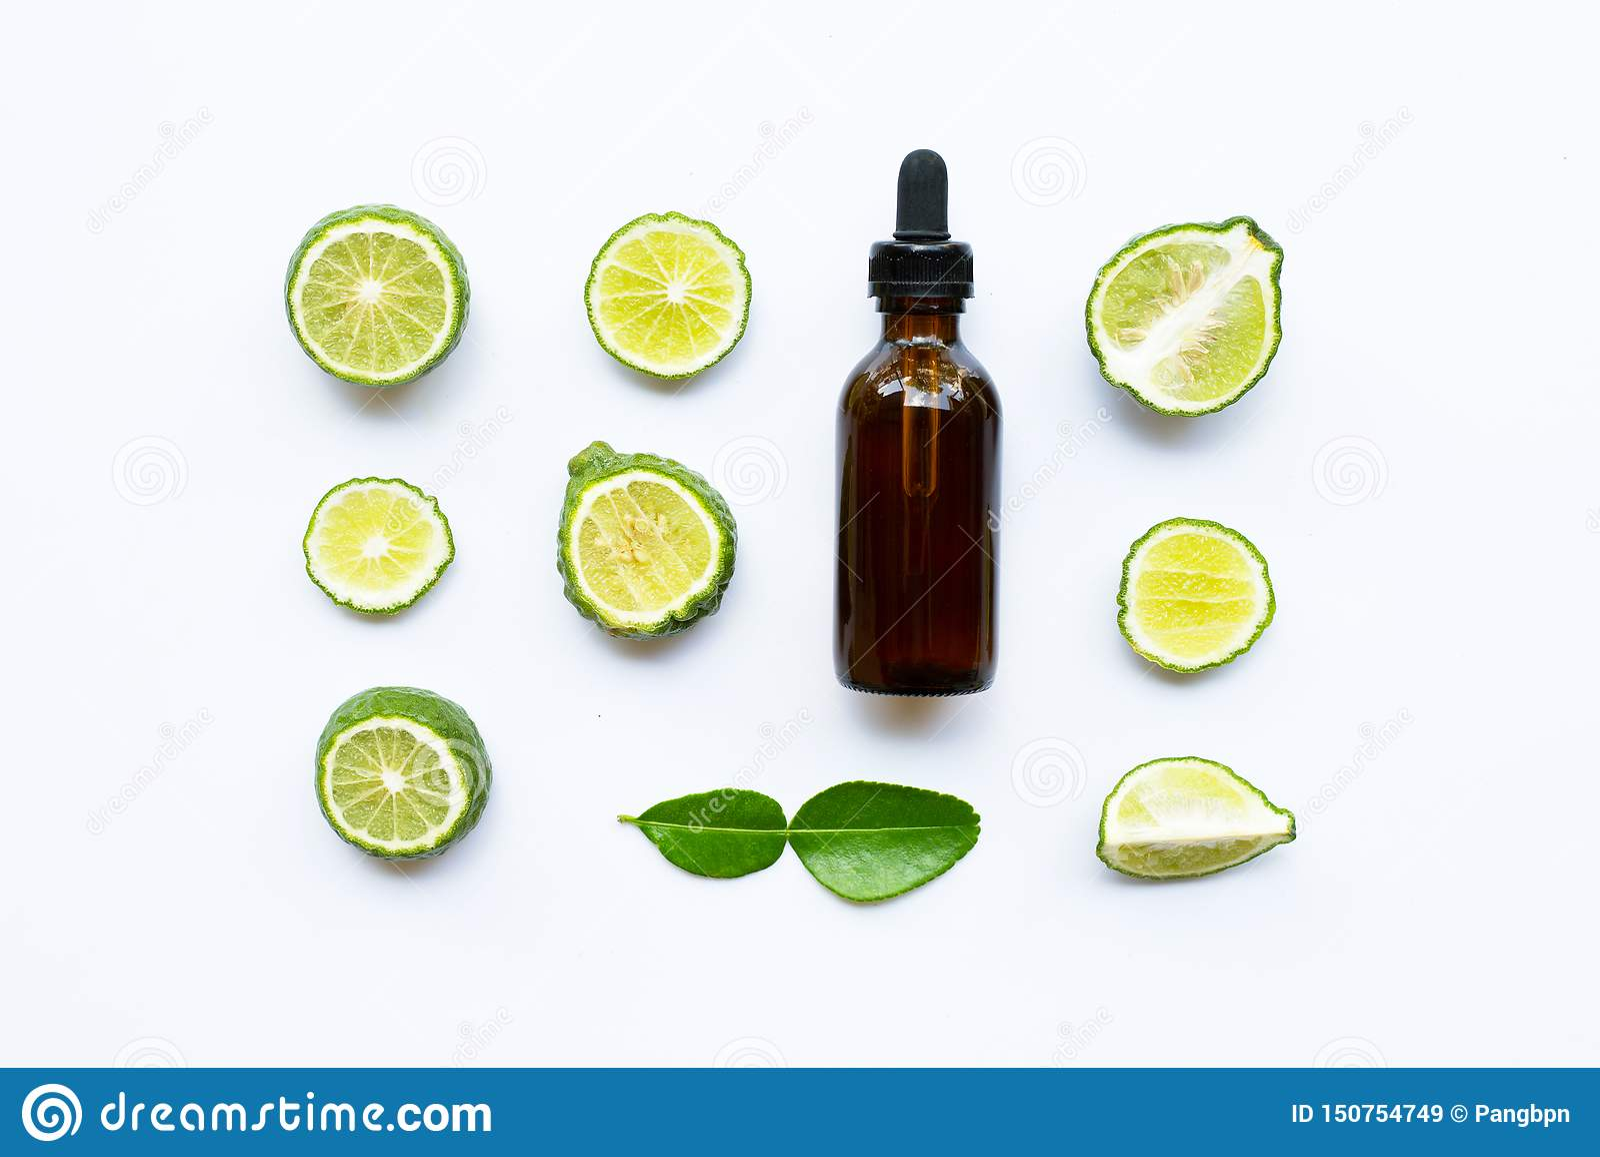 Bottle of essential oil and fresh kaffir lime or bergamot fruit isolated on white